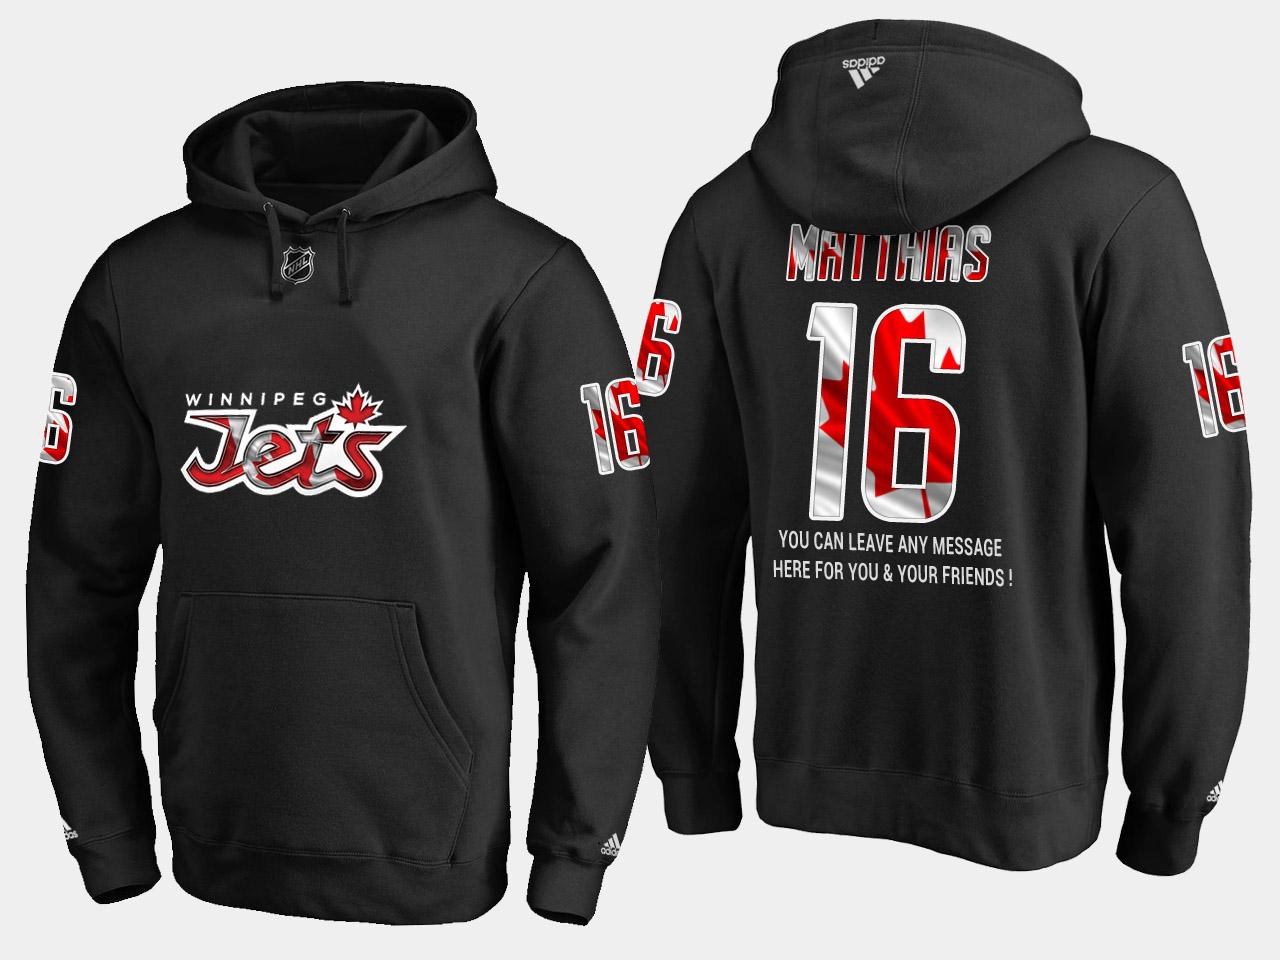 Jets #16 Shawn Matthias NHL Banner Wave Usa Flag Black Hoodie